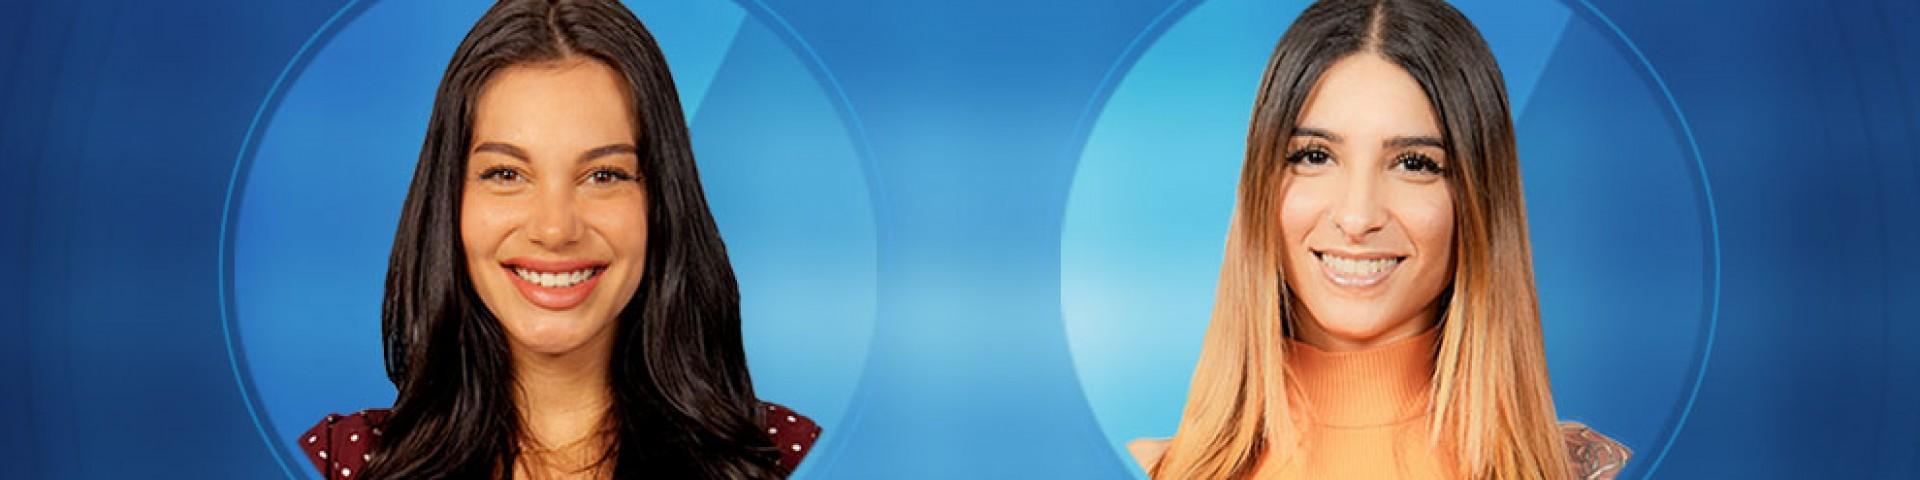 Eliminato seconda puntata serale Grande Fratello 16: chi sarà?